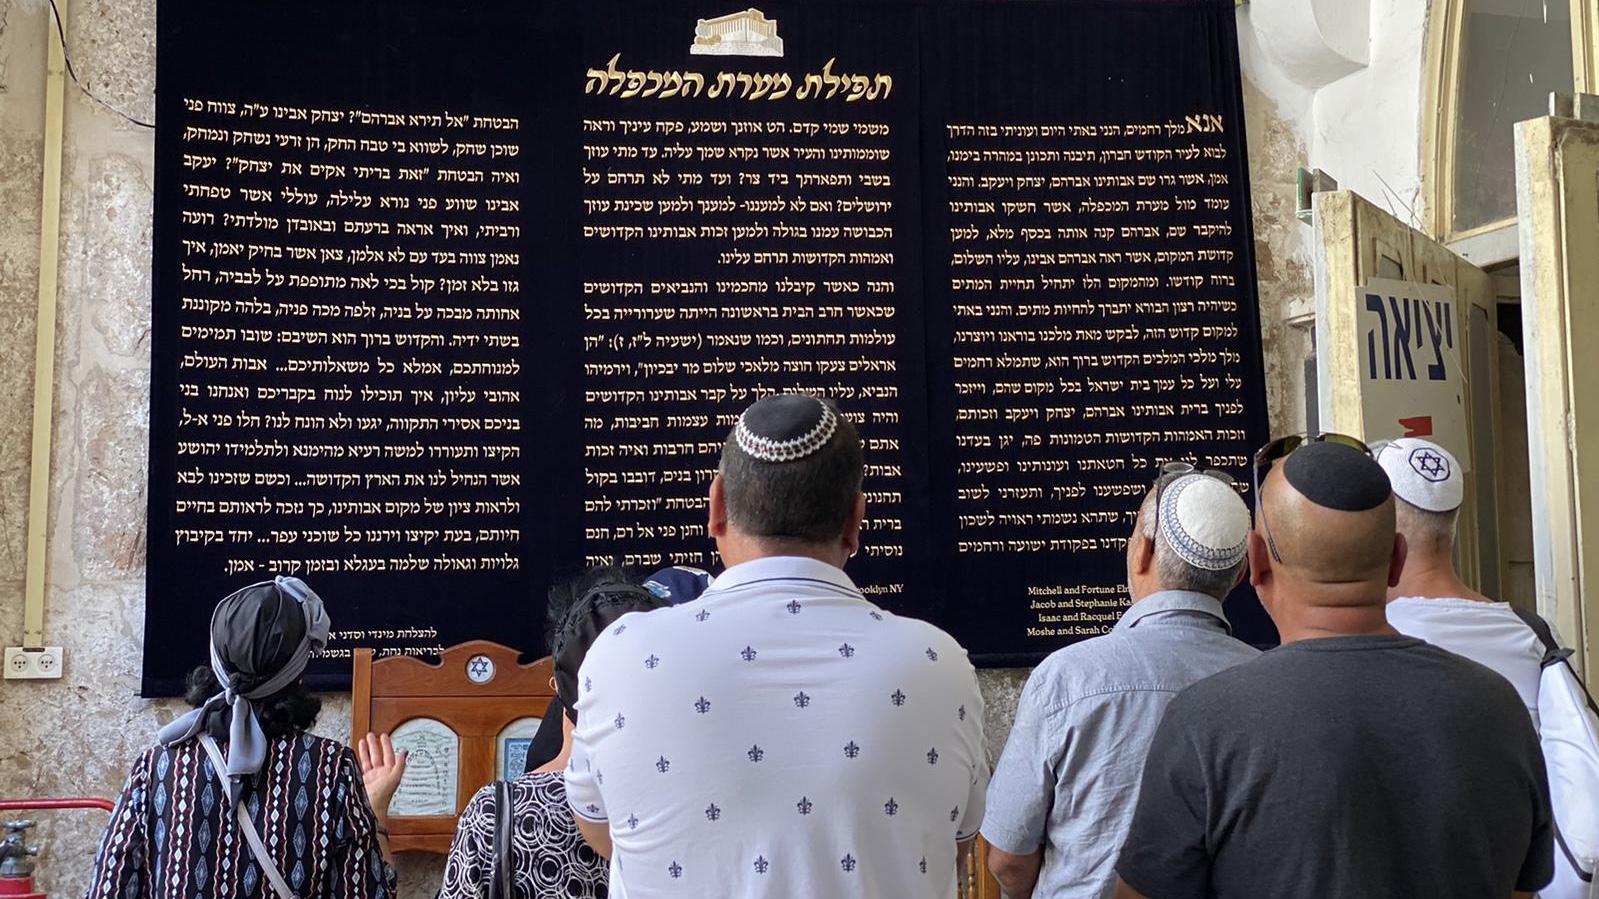 אלפי יהודים מבקרים בחברון – תפילות במערת המכפלה | צפו